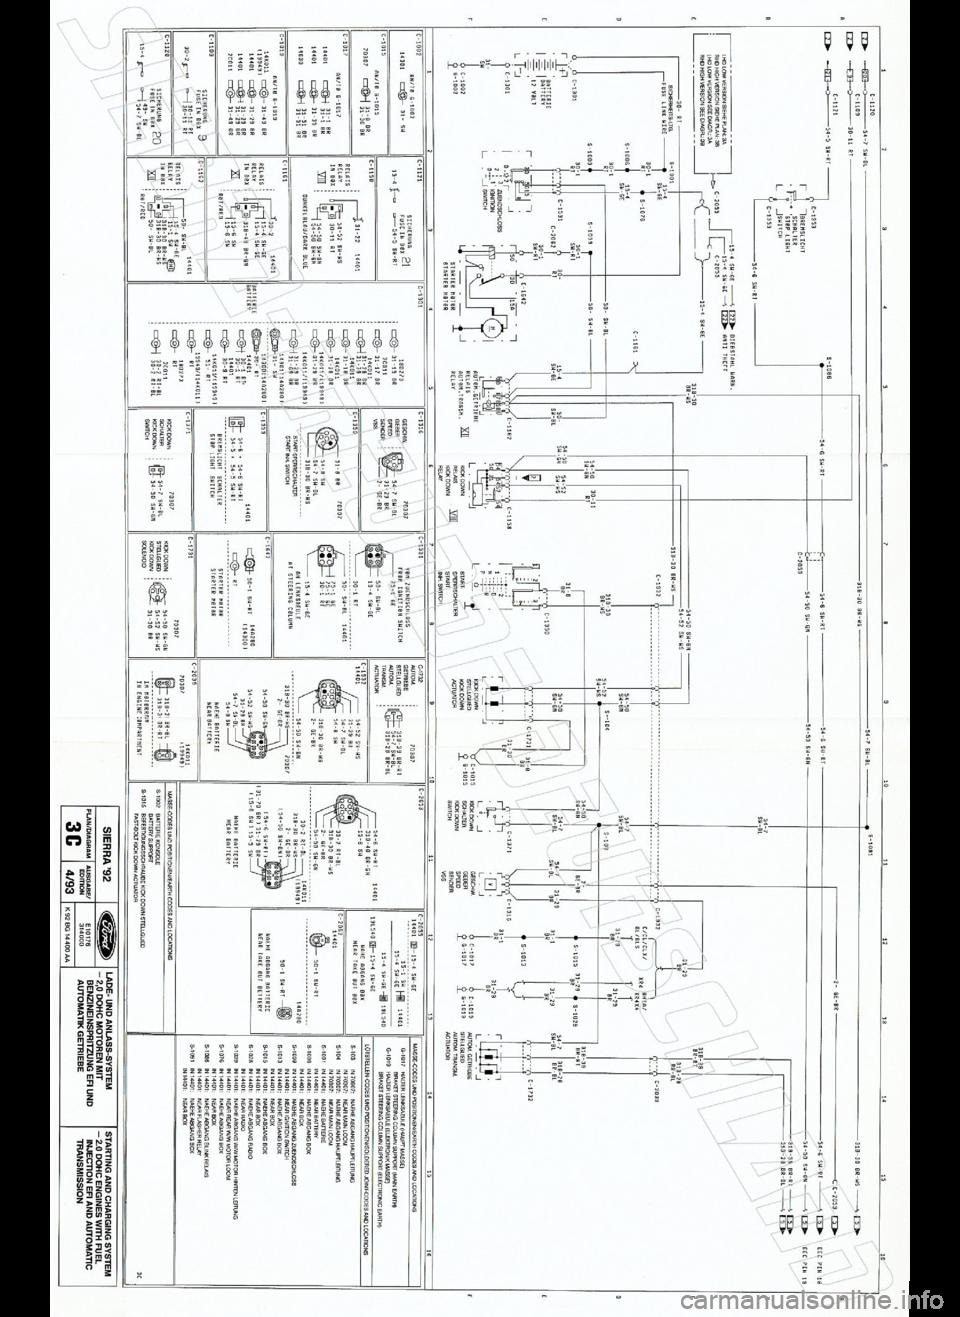 ford sierra 1992 2.g wiring diagrams workshop manual, Wiring diagram